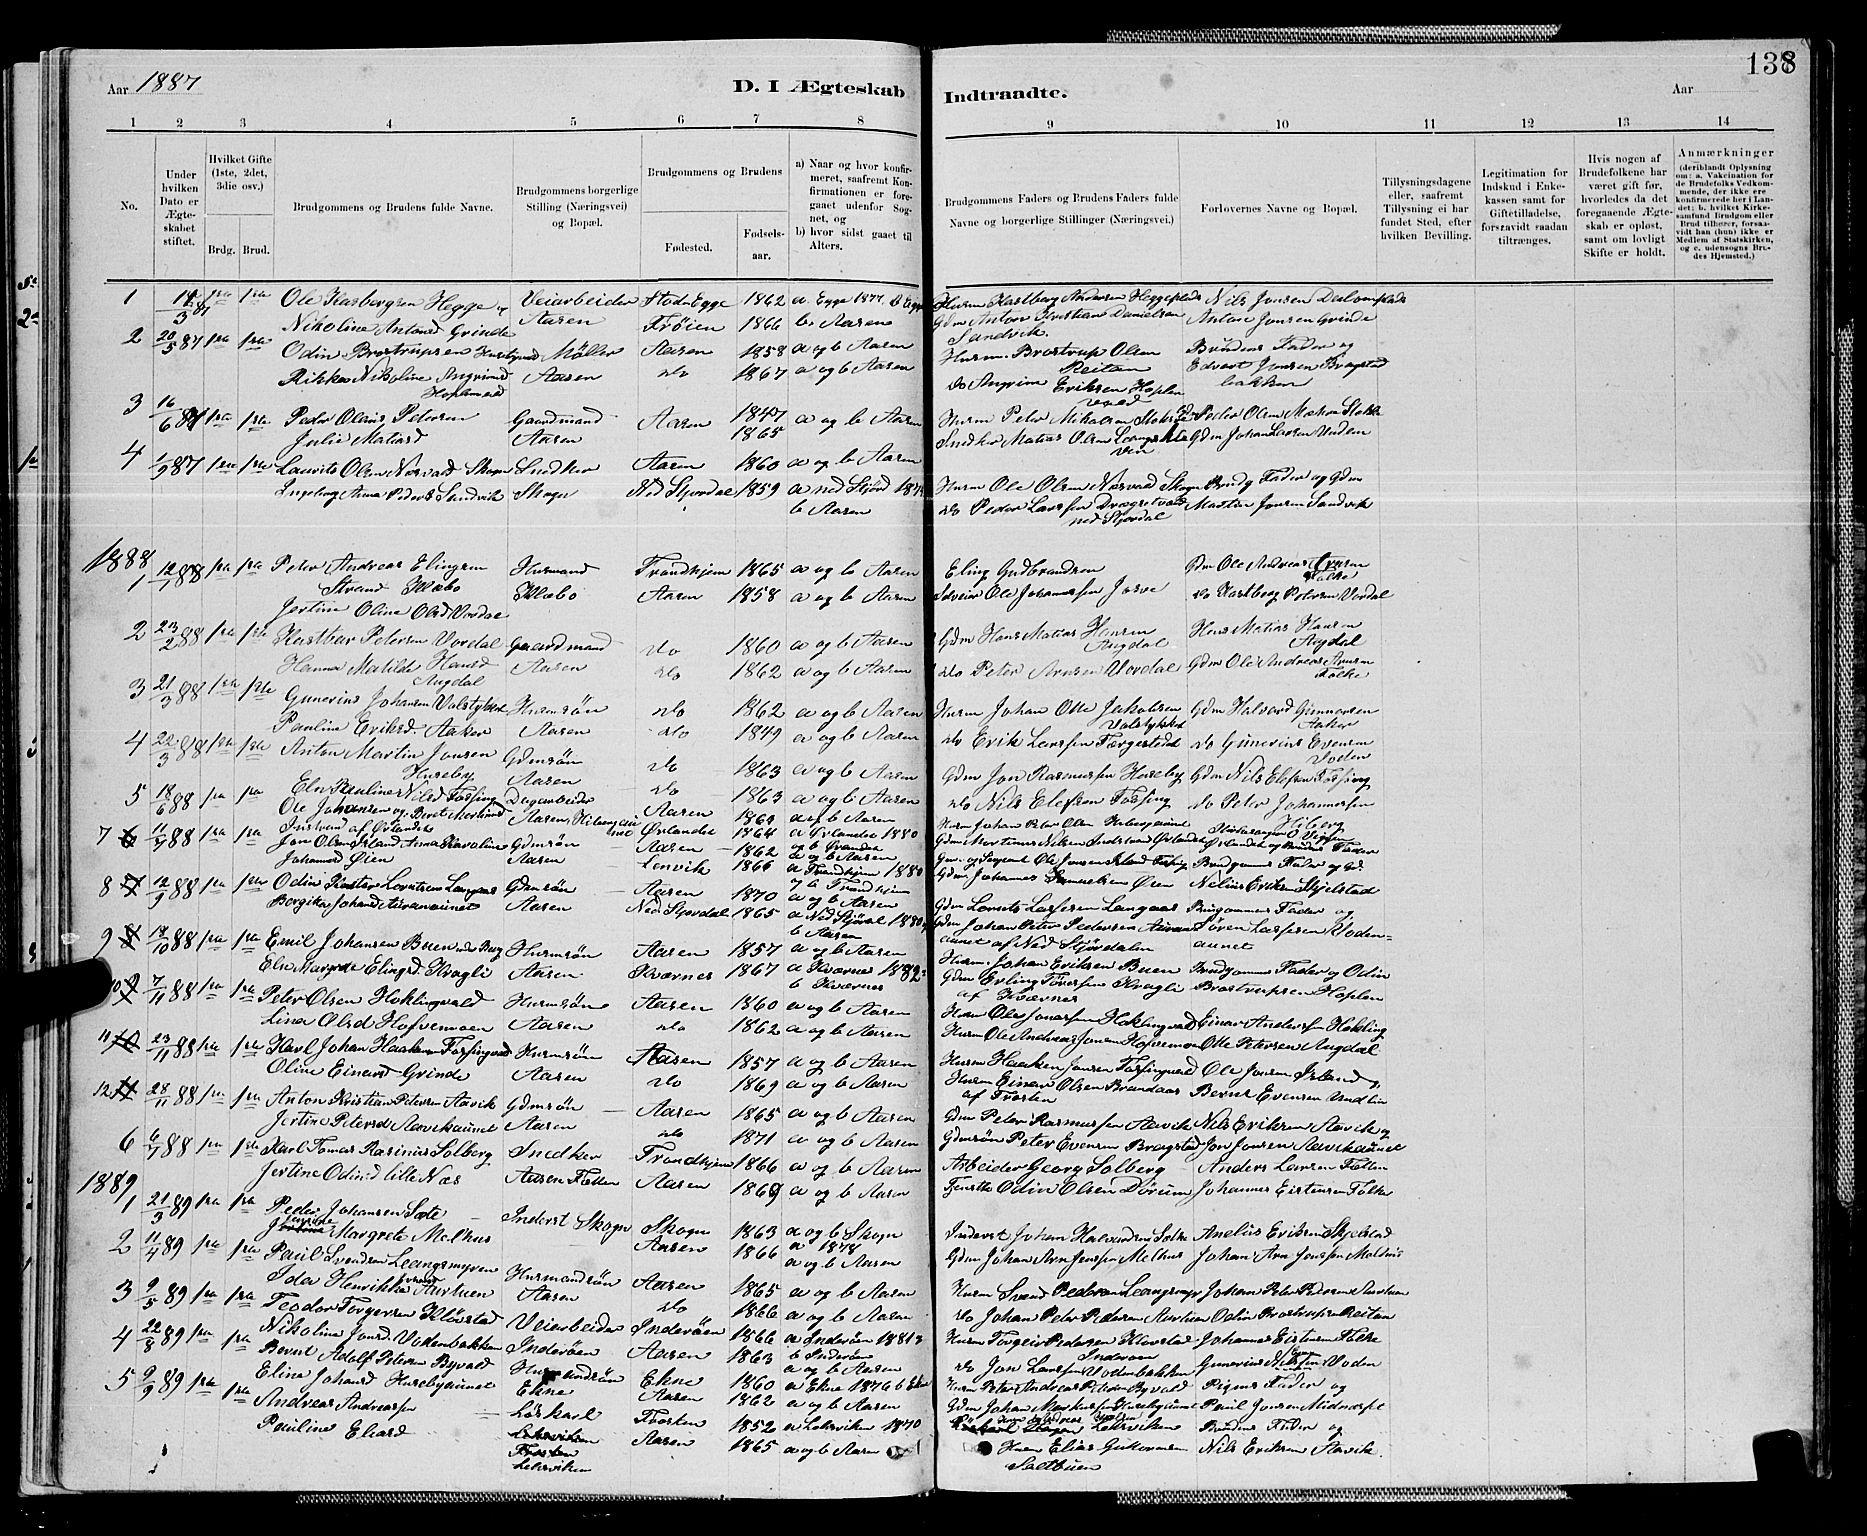 SAT, Ministerialprotokoller, klokkerbøker og fødselsregistre - Nord-Trøndelag, 714/L0134: Klokkerbok nr. 714C03, 1878-1898, s. 138